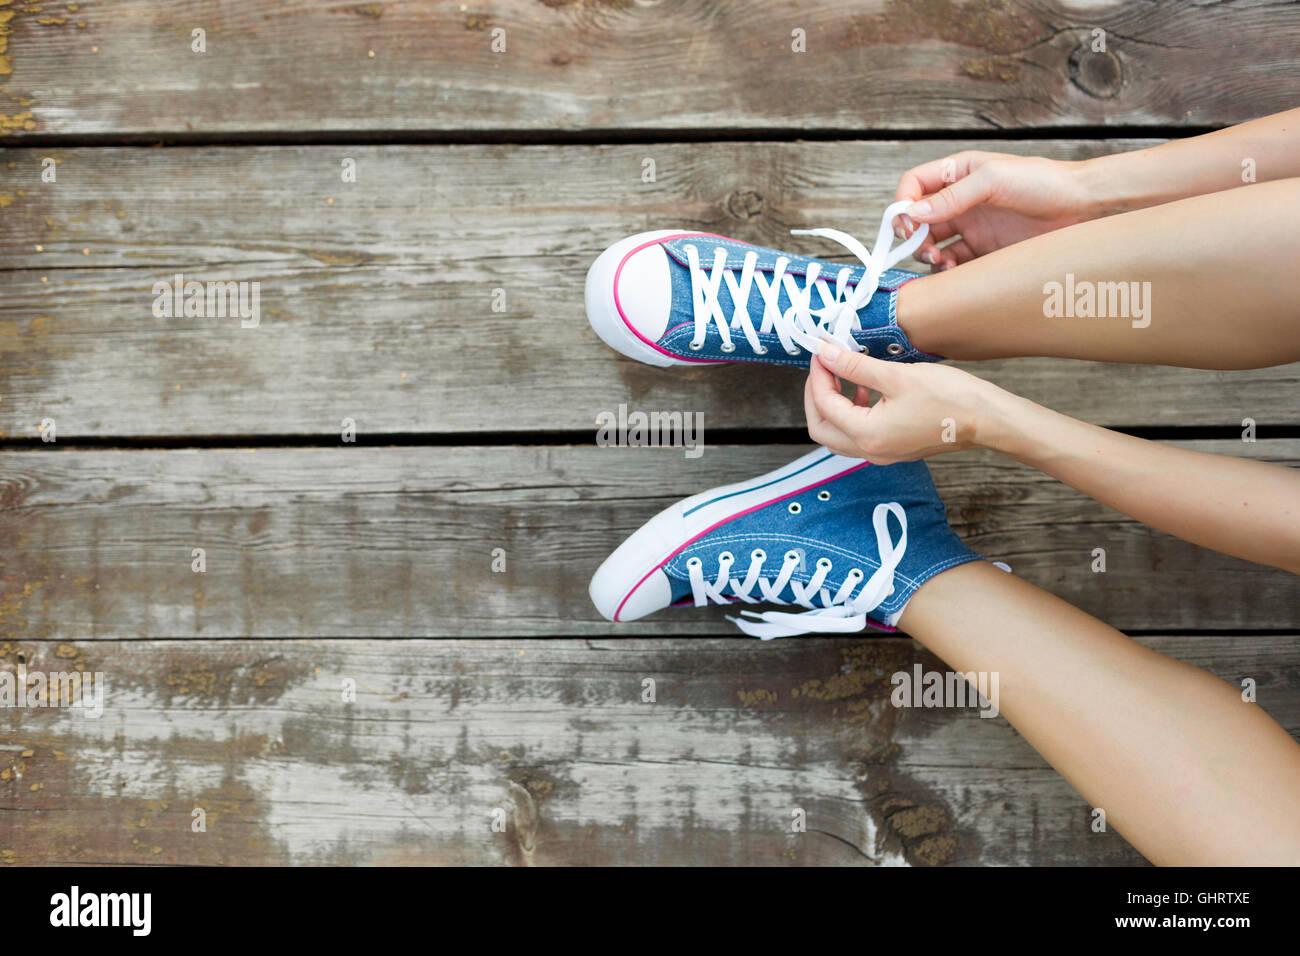 Mujer joven atar los cordones de sus zapatillas de vaqueros sentados en el piso de madera Imagen De Stock